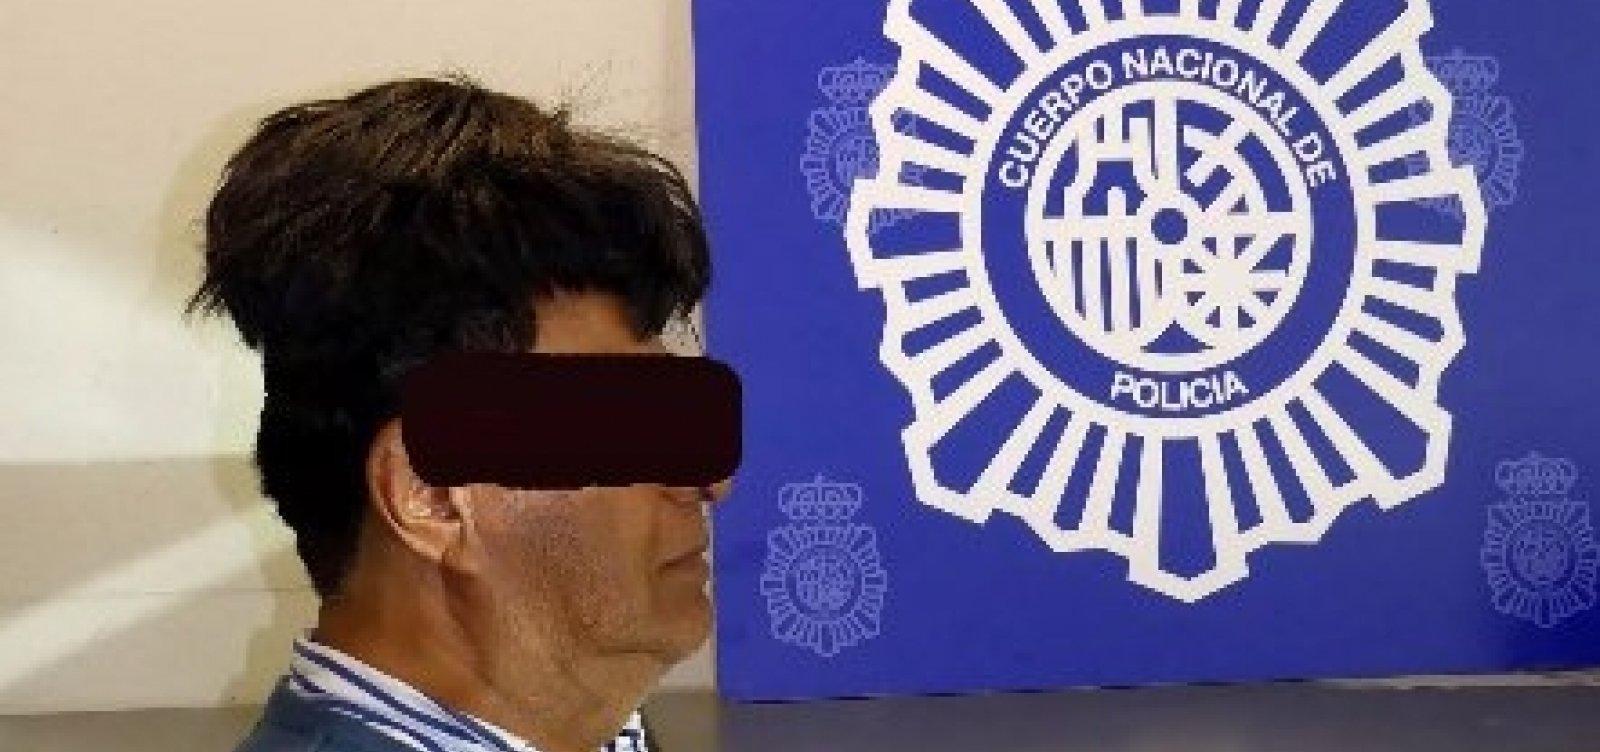 [Homem é preso com meio quilo de cocaína sob peruca em Barcelona]